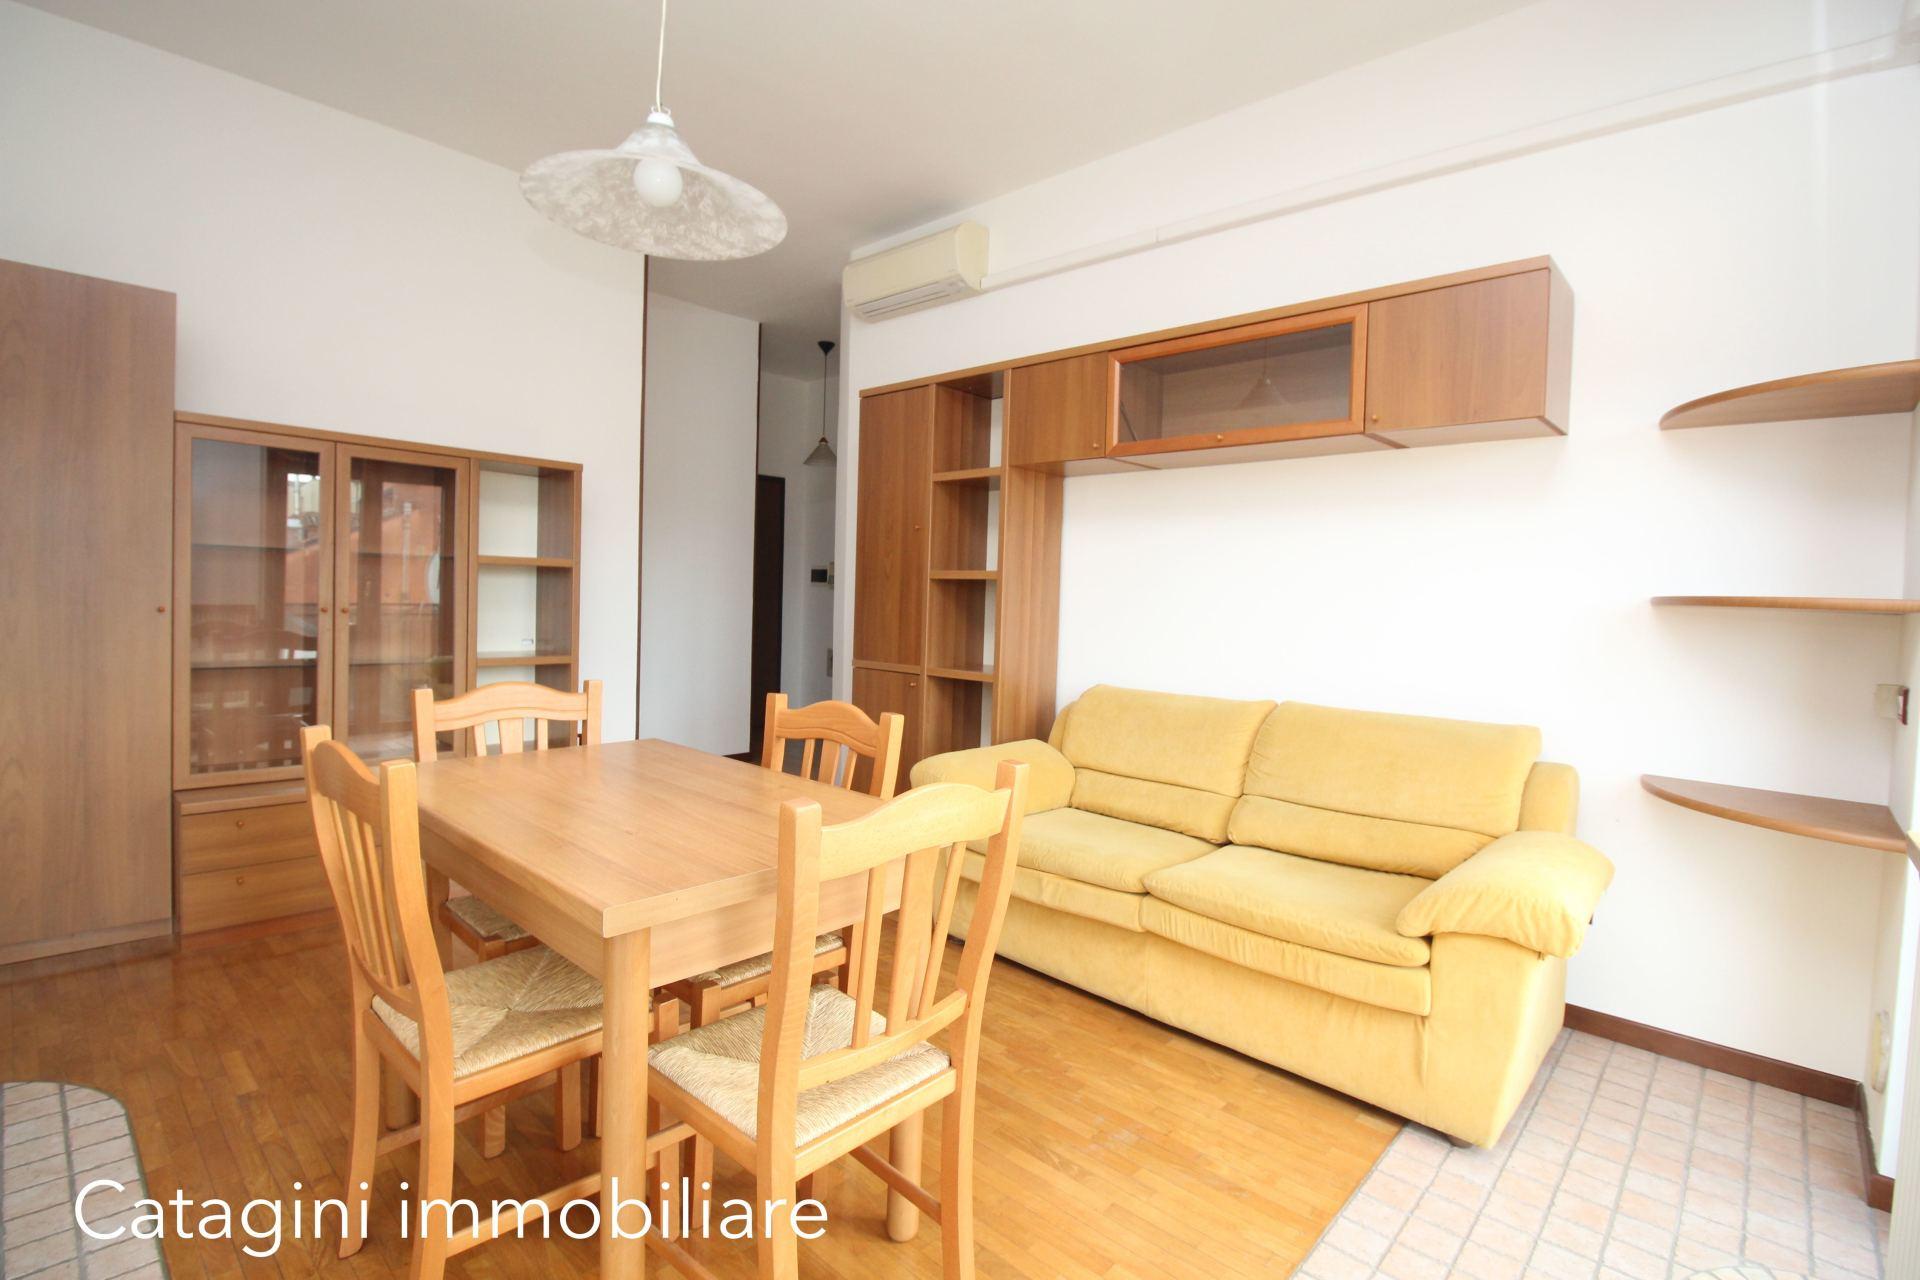 Immobili residenziali altavilla vicenza vendita for Mini appartamenti arredati vicenza